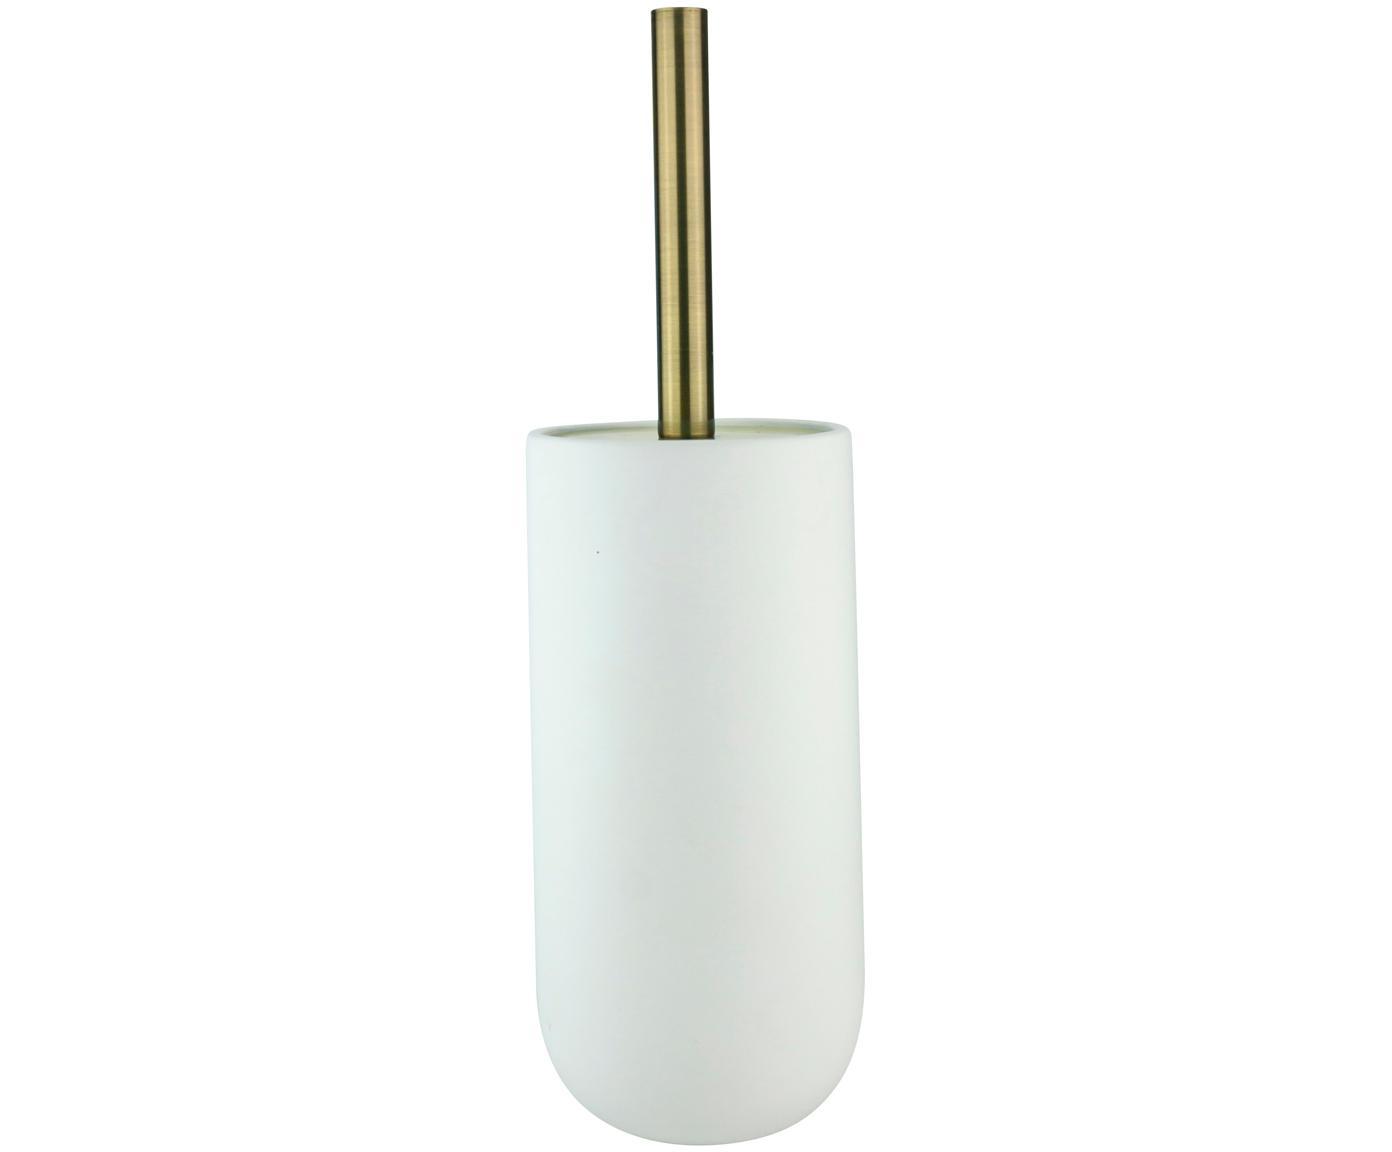 WC-borstel Lotus, Houder: keramiek, Wit, messingkleurig,  zwart, Ø 10 x H 21 cm